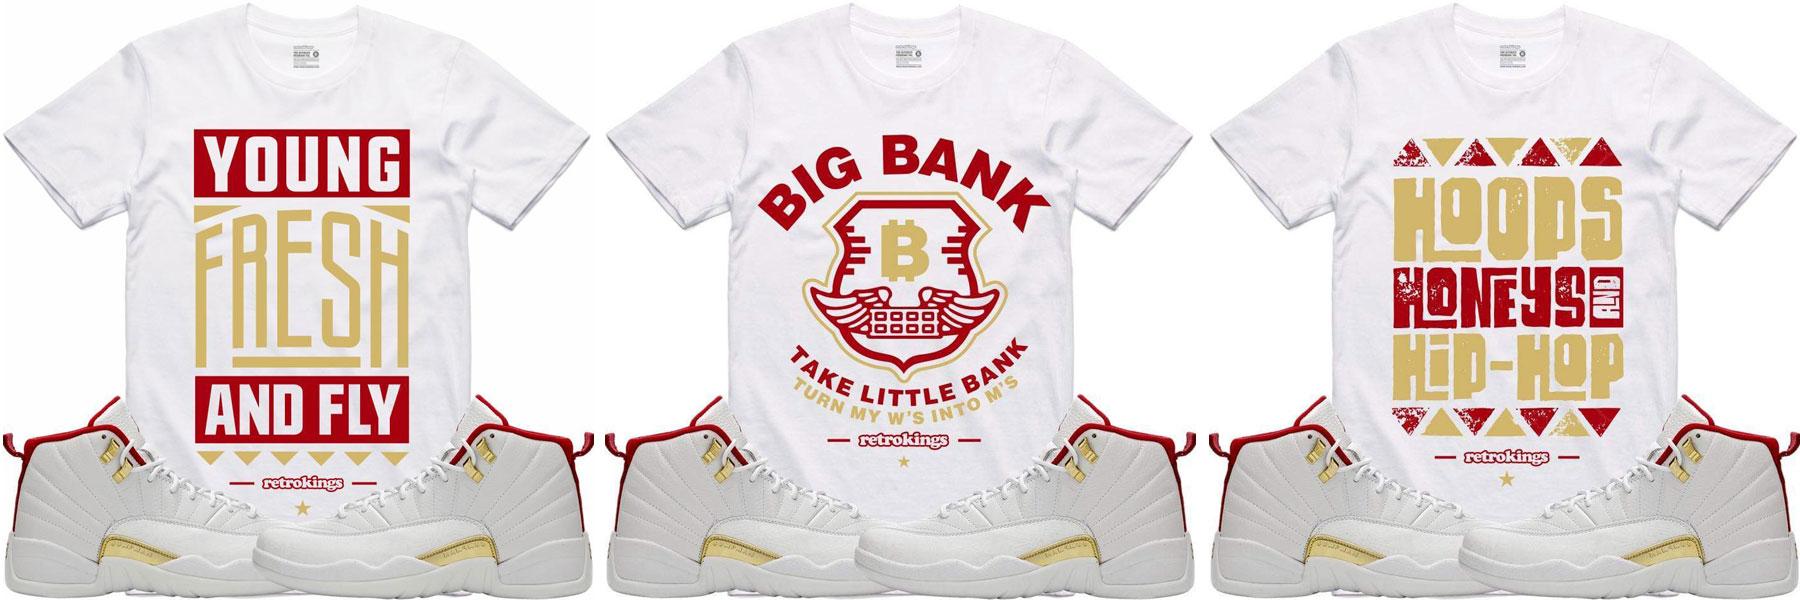 jordan-12-fiba-sneaker-tee-shirts